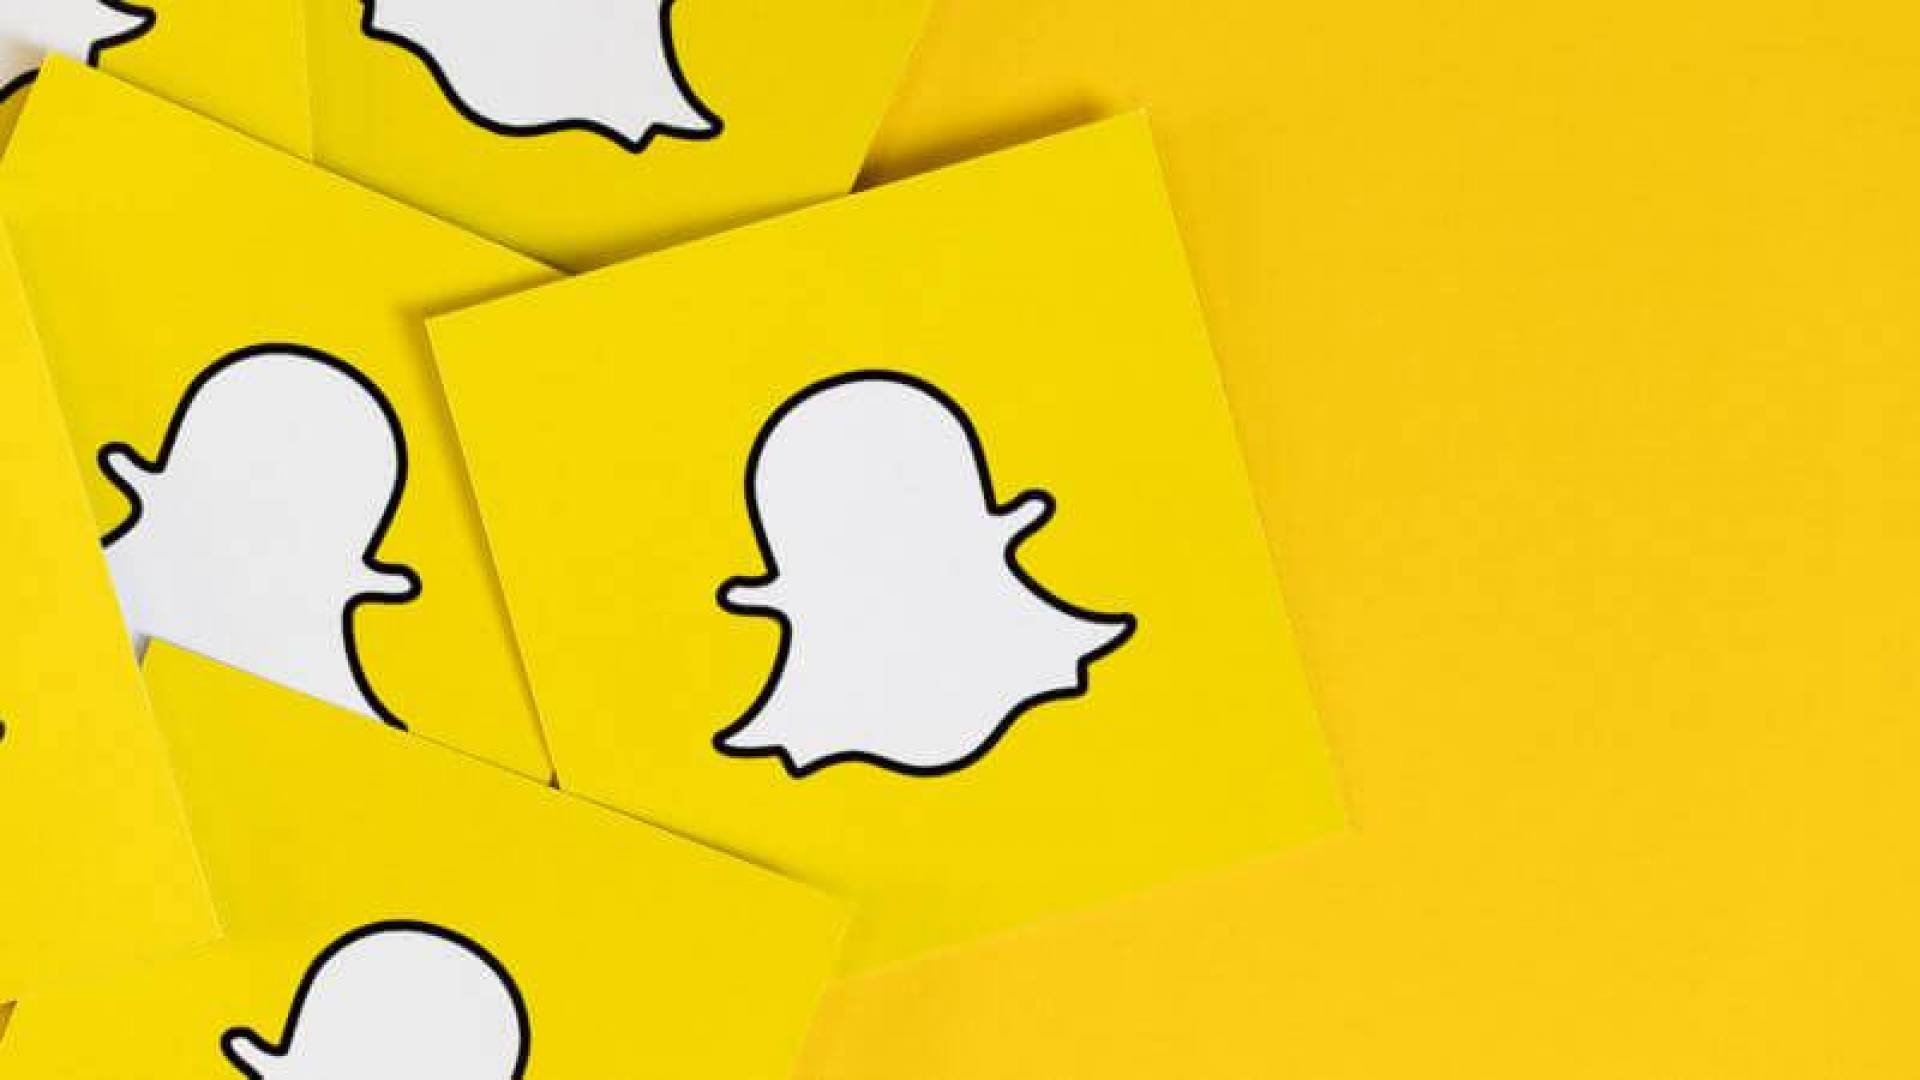 snapchat logos1 ss 1920 800x450 870749 highres - سناب شات تطلق عدسات جديدة لتطبيقها، تتعرف على الصوت أيضًا لا الحركة فقط